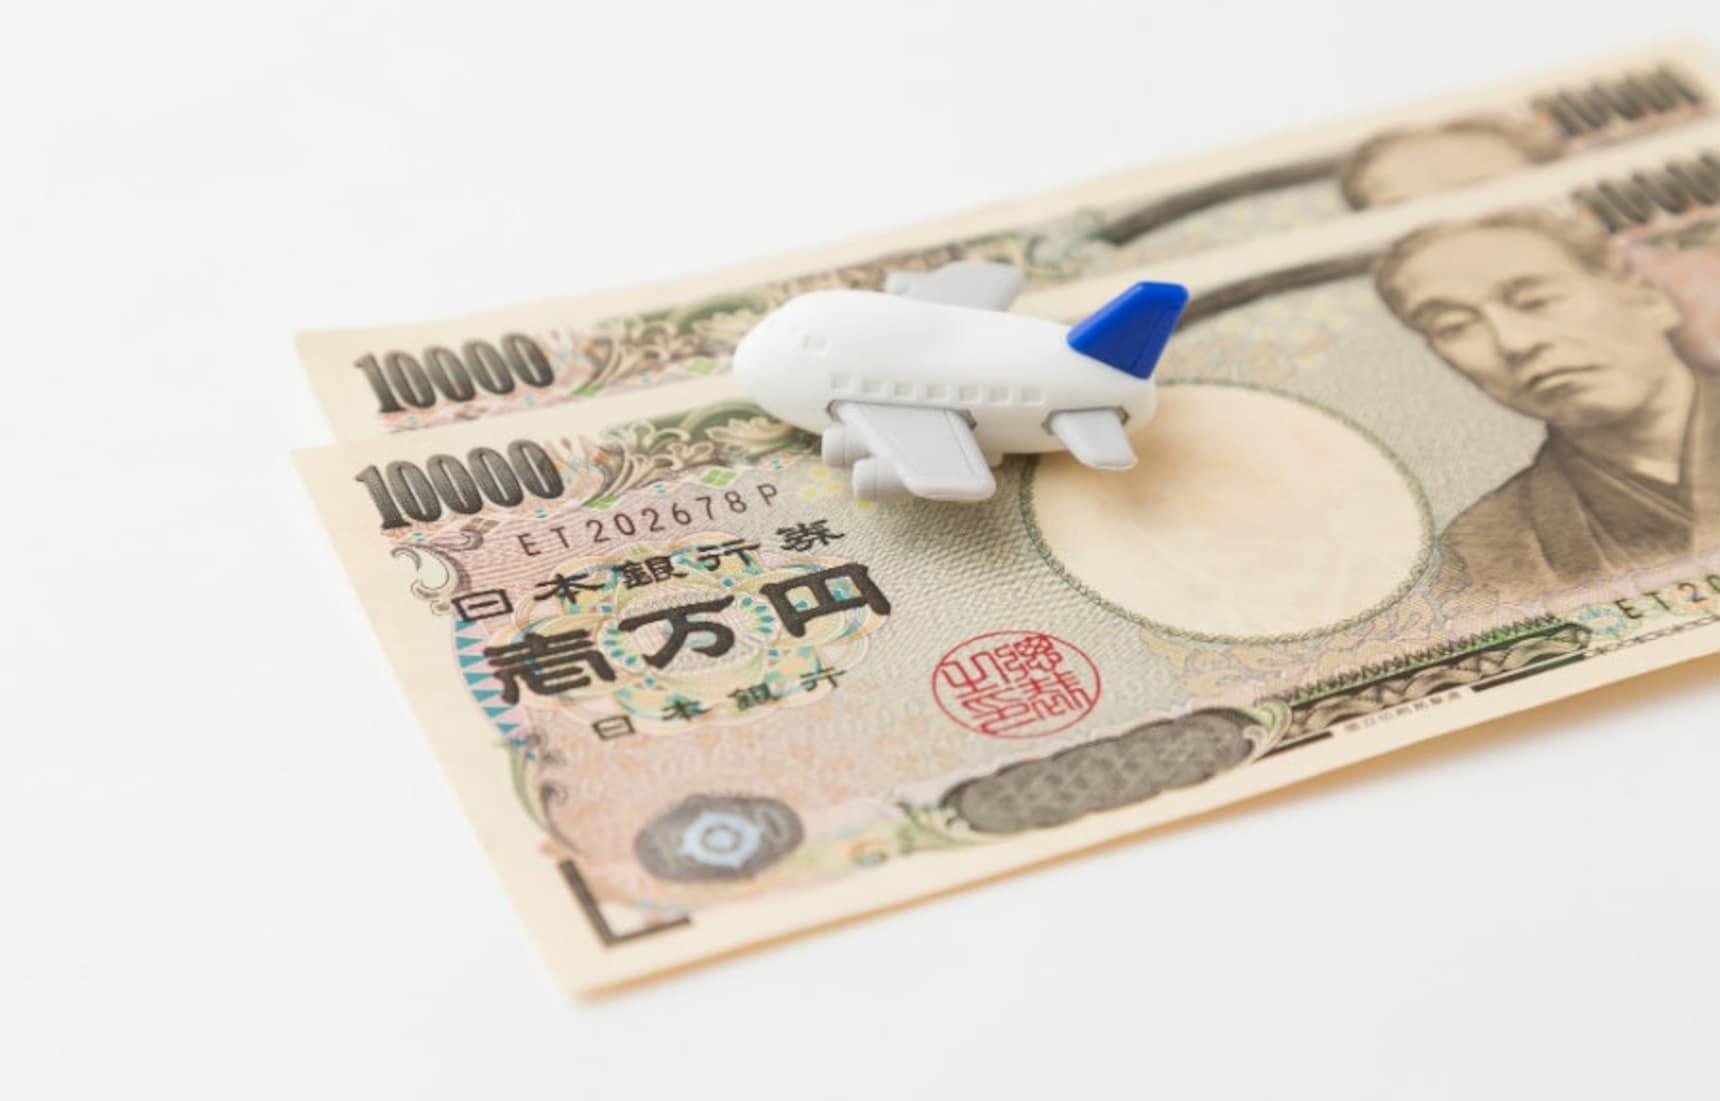 짠돌이도 울고 갈 일본여행 돈절약 10가지 꿀팁